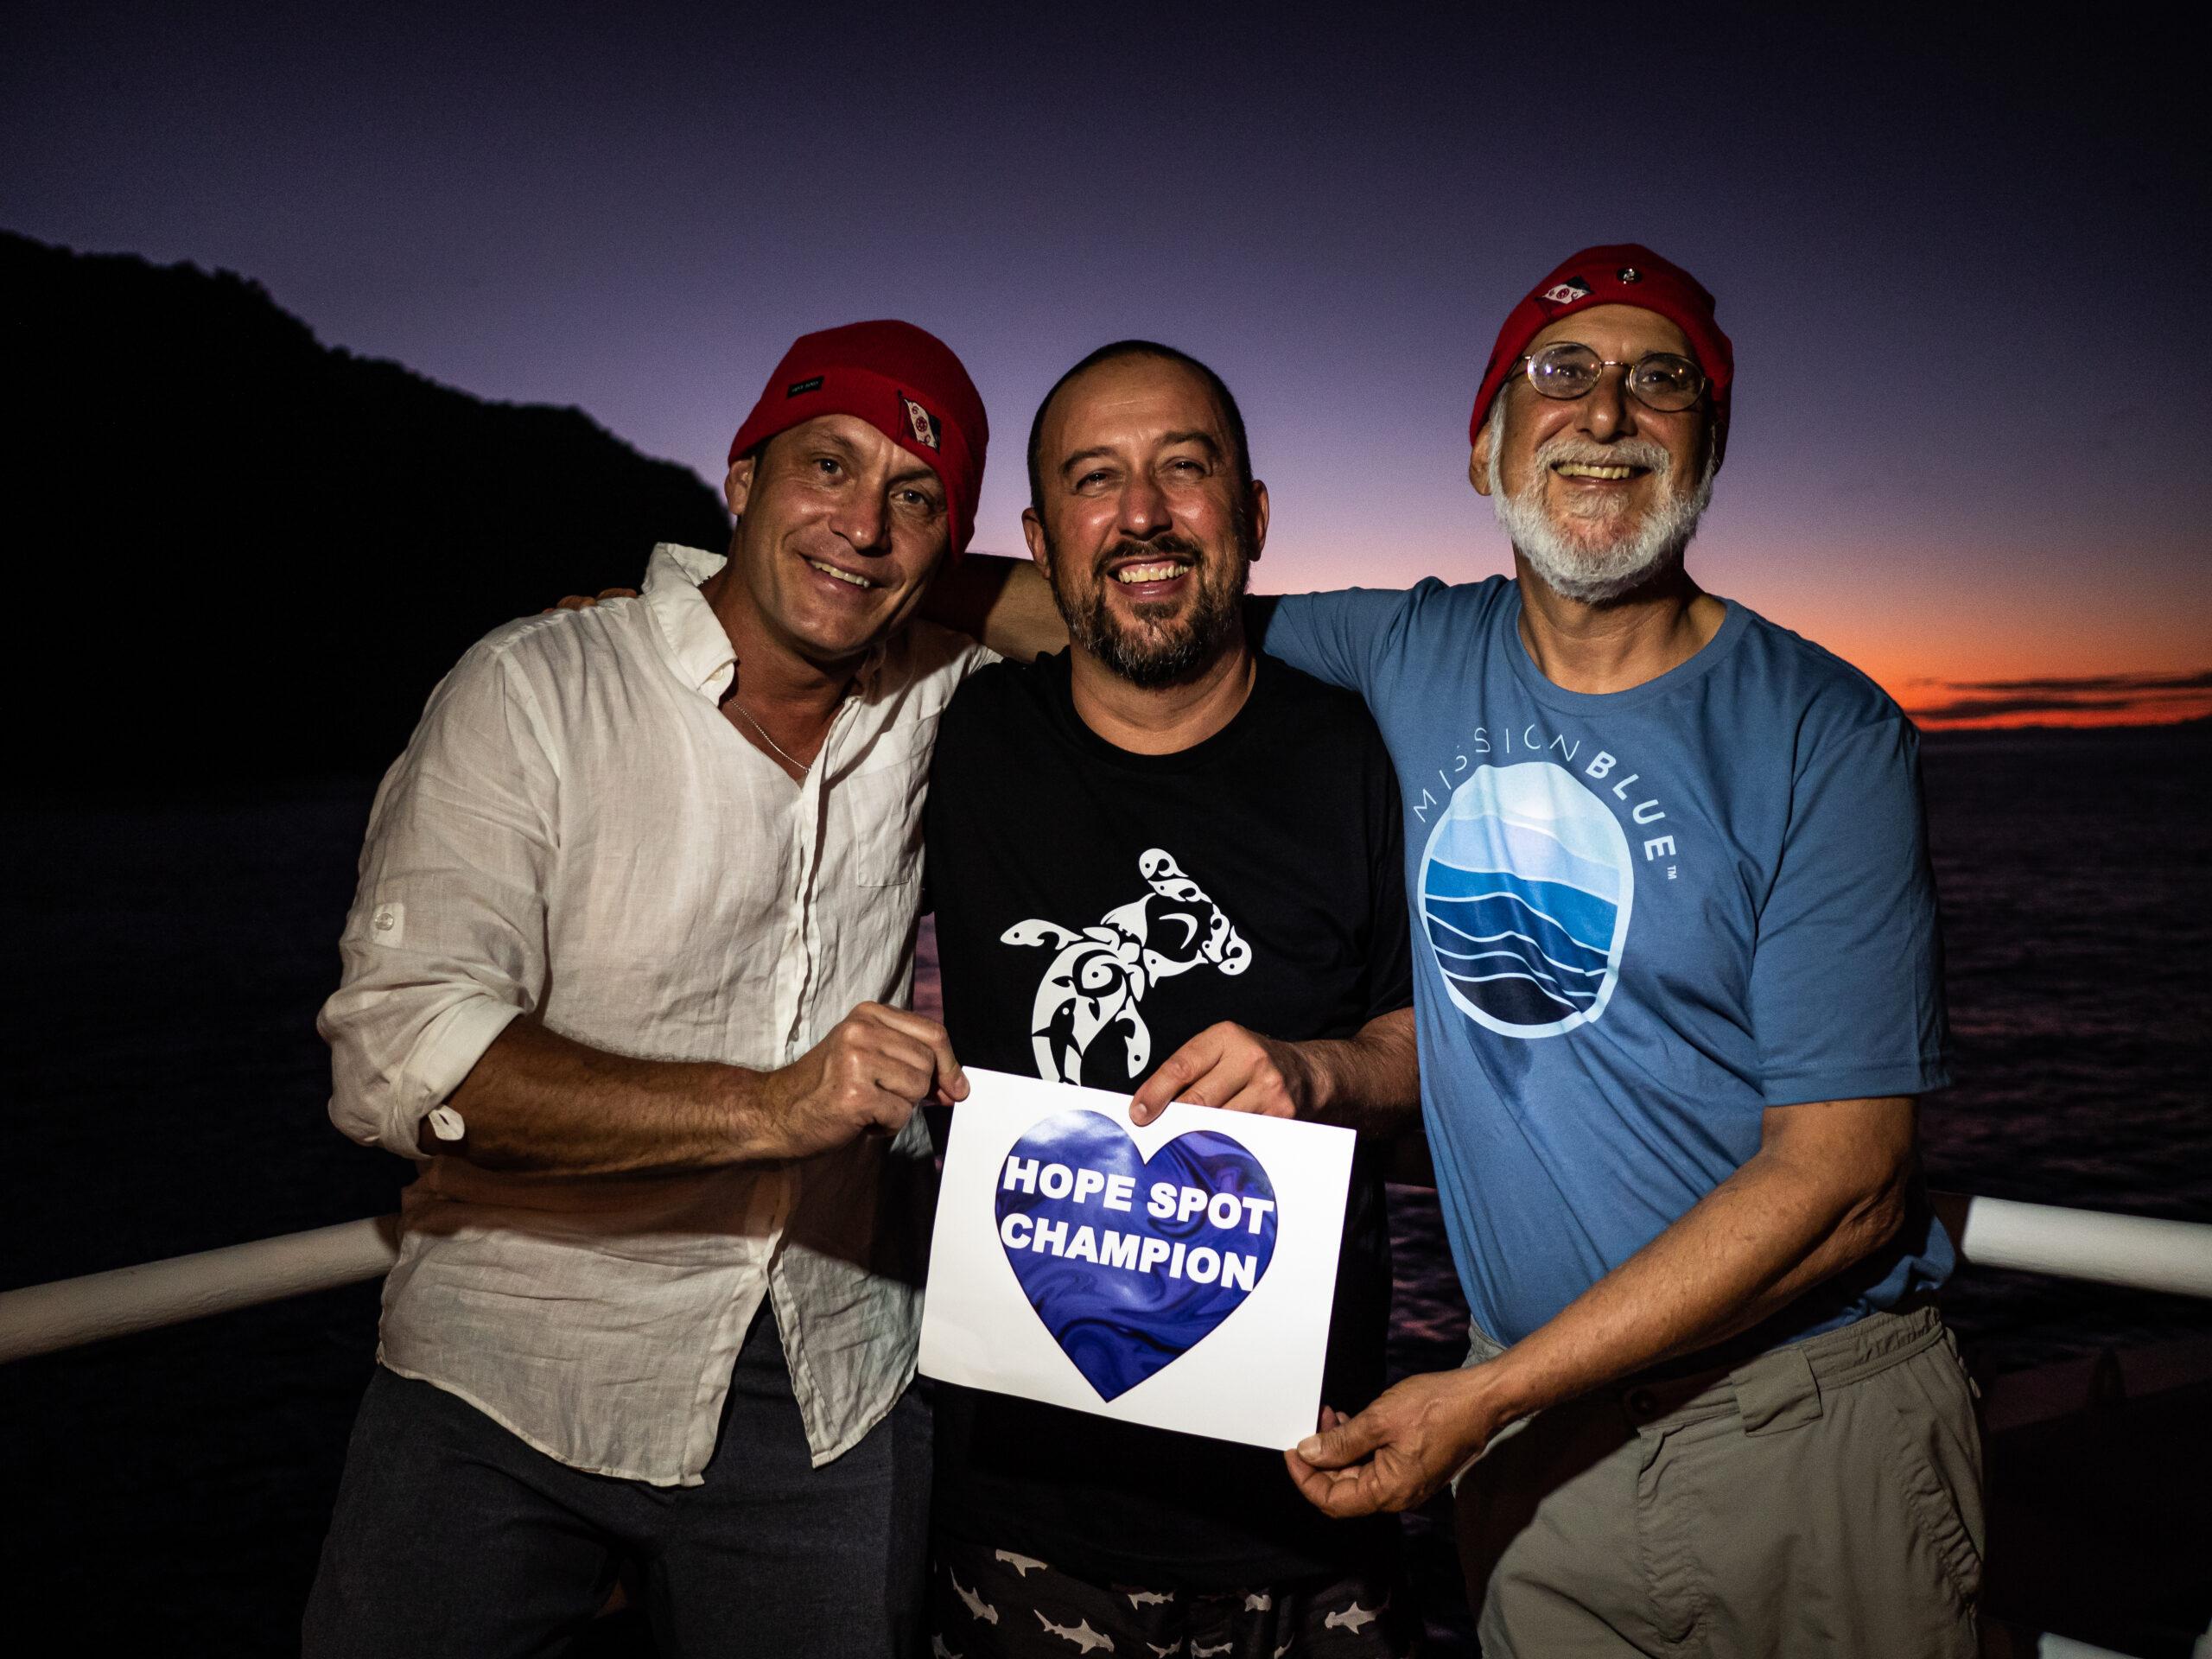 """La primera área protegida marina binacional del mundo gana impulso como """"Lugar de Esperanza"""" (Hope Spot)"""